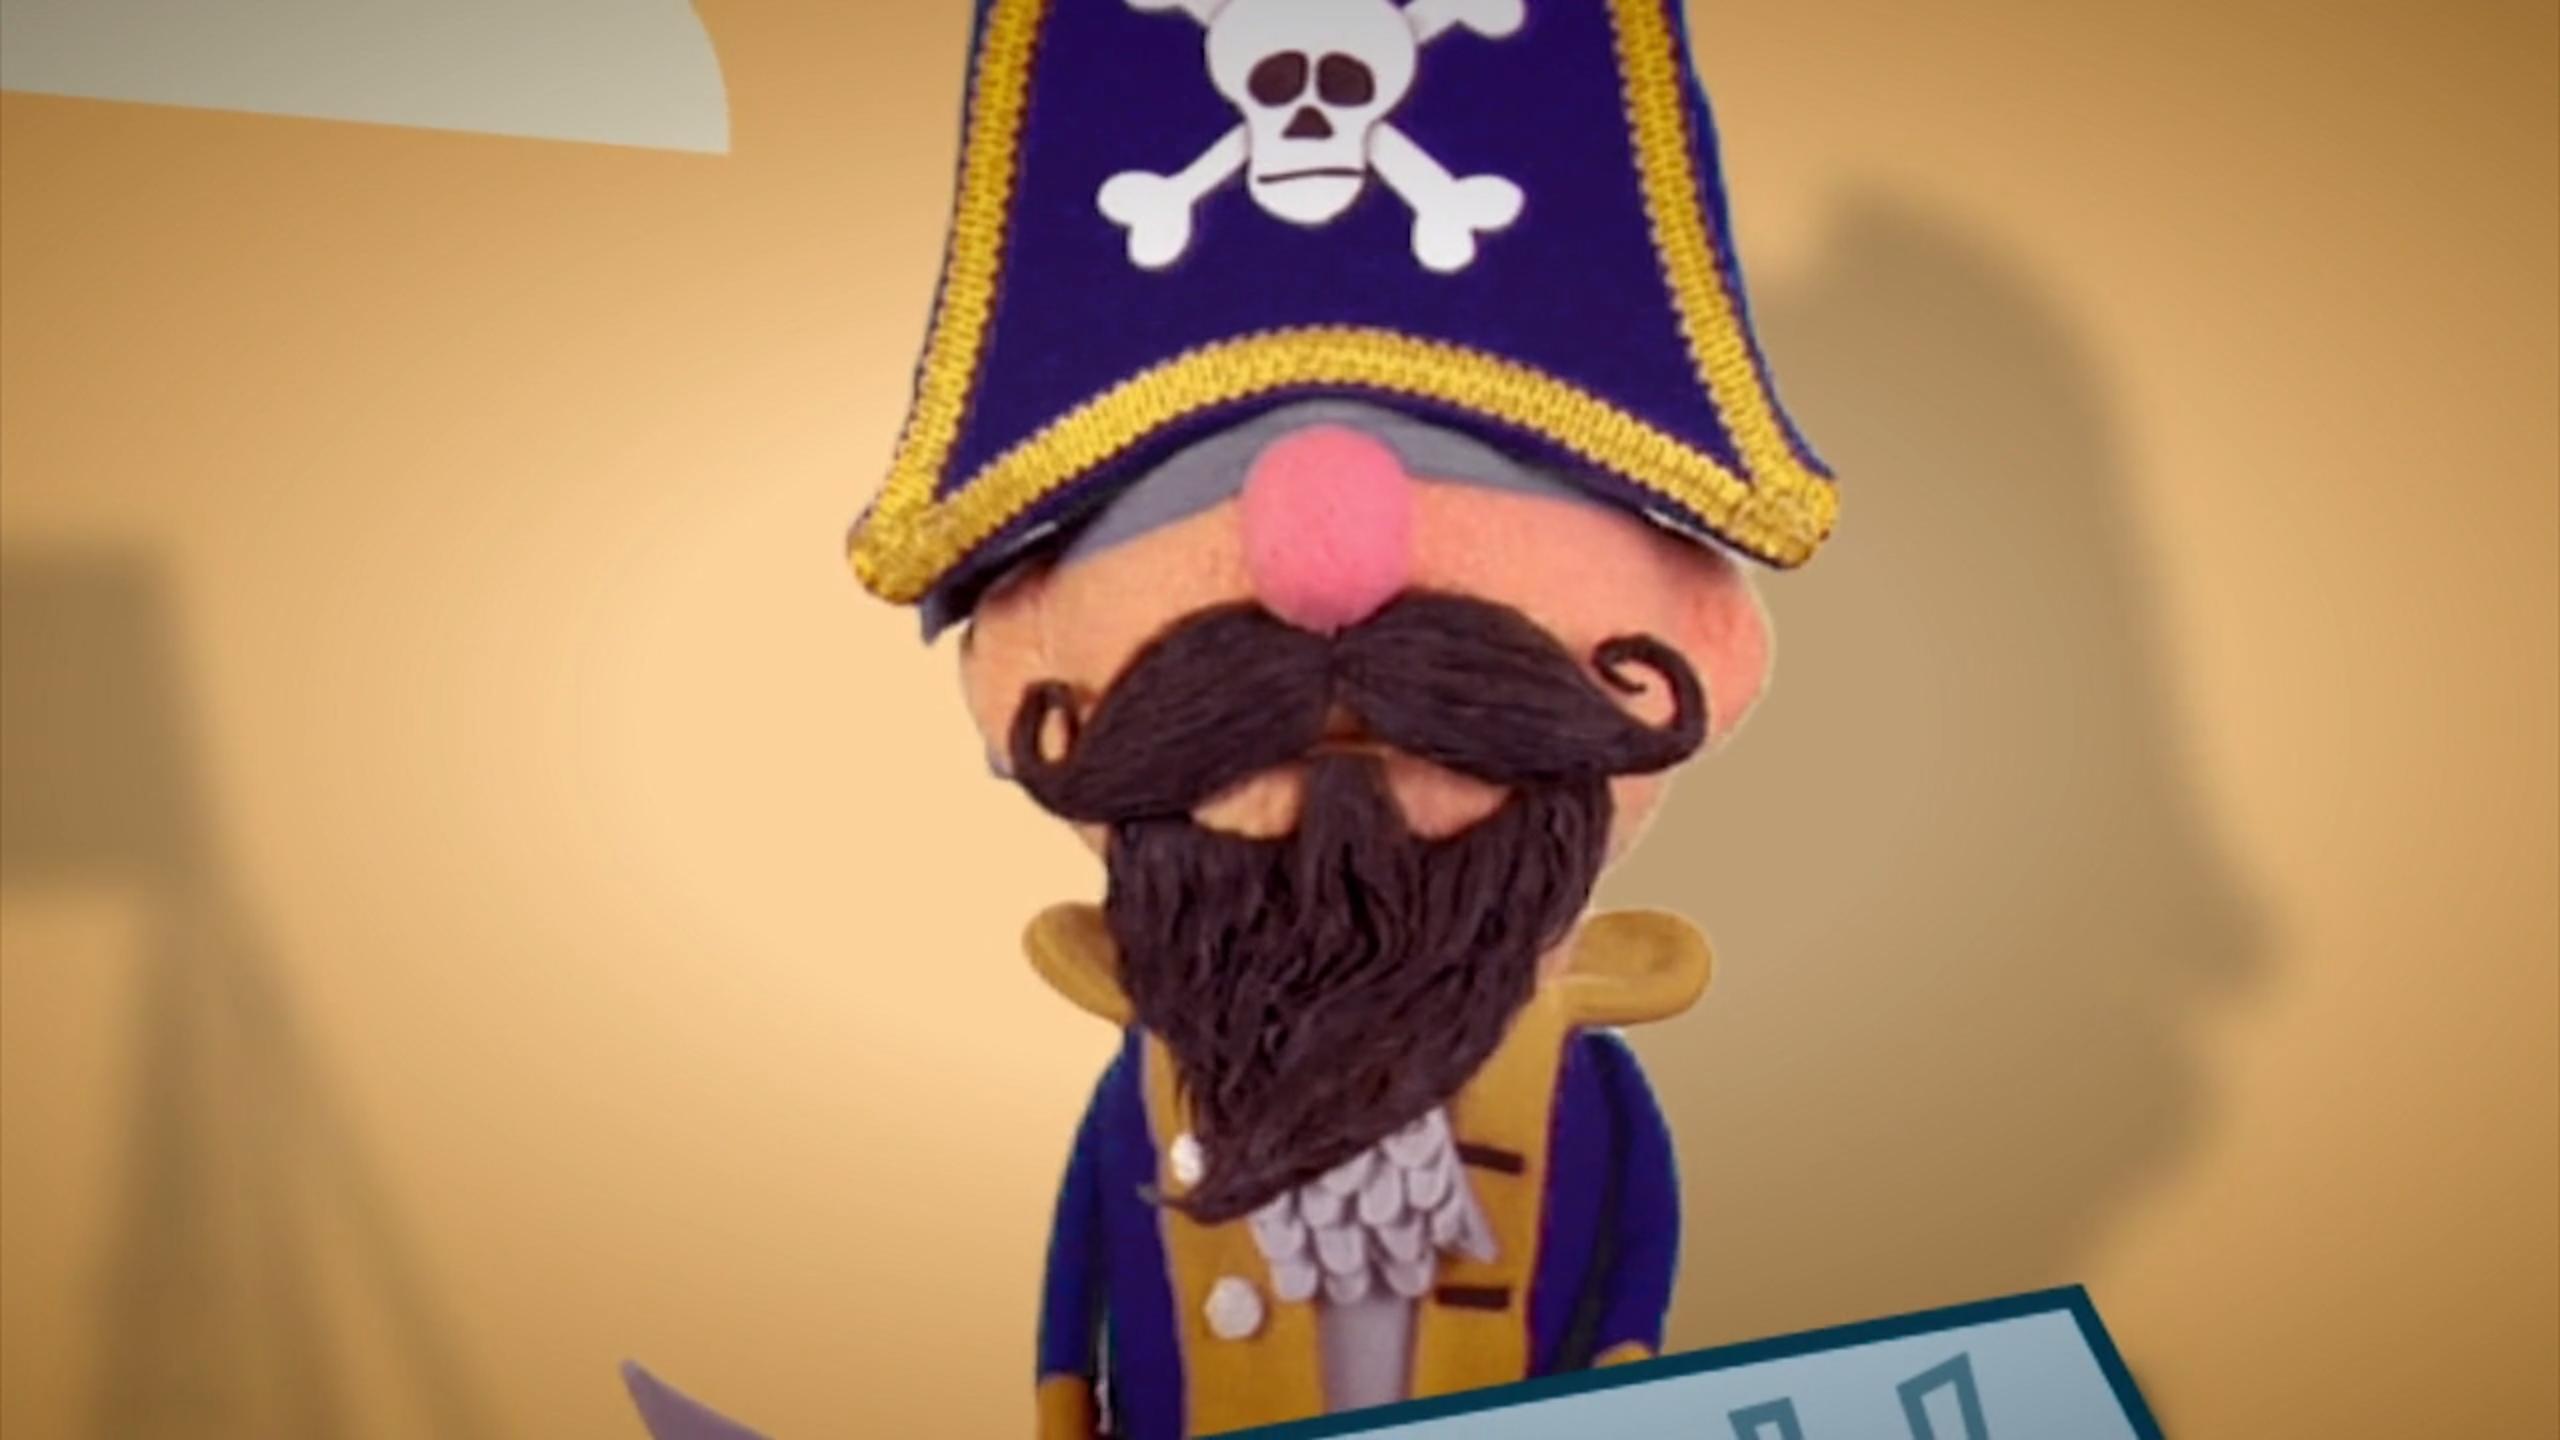 Pirate etiquette close